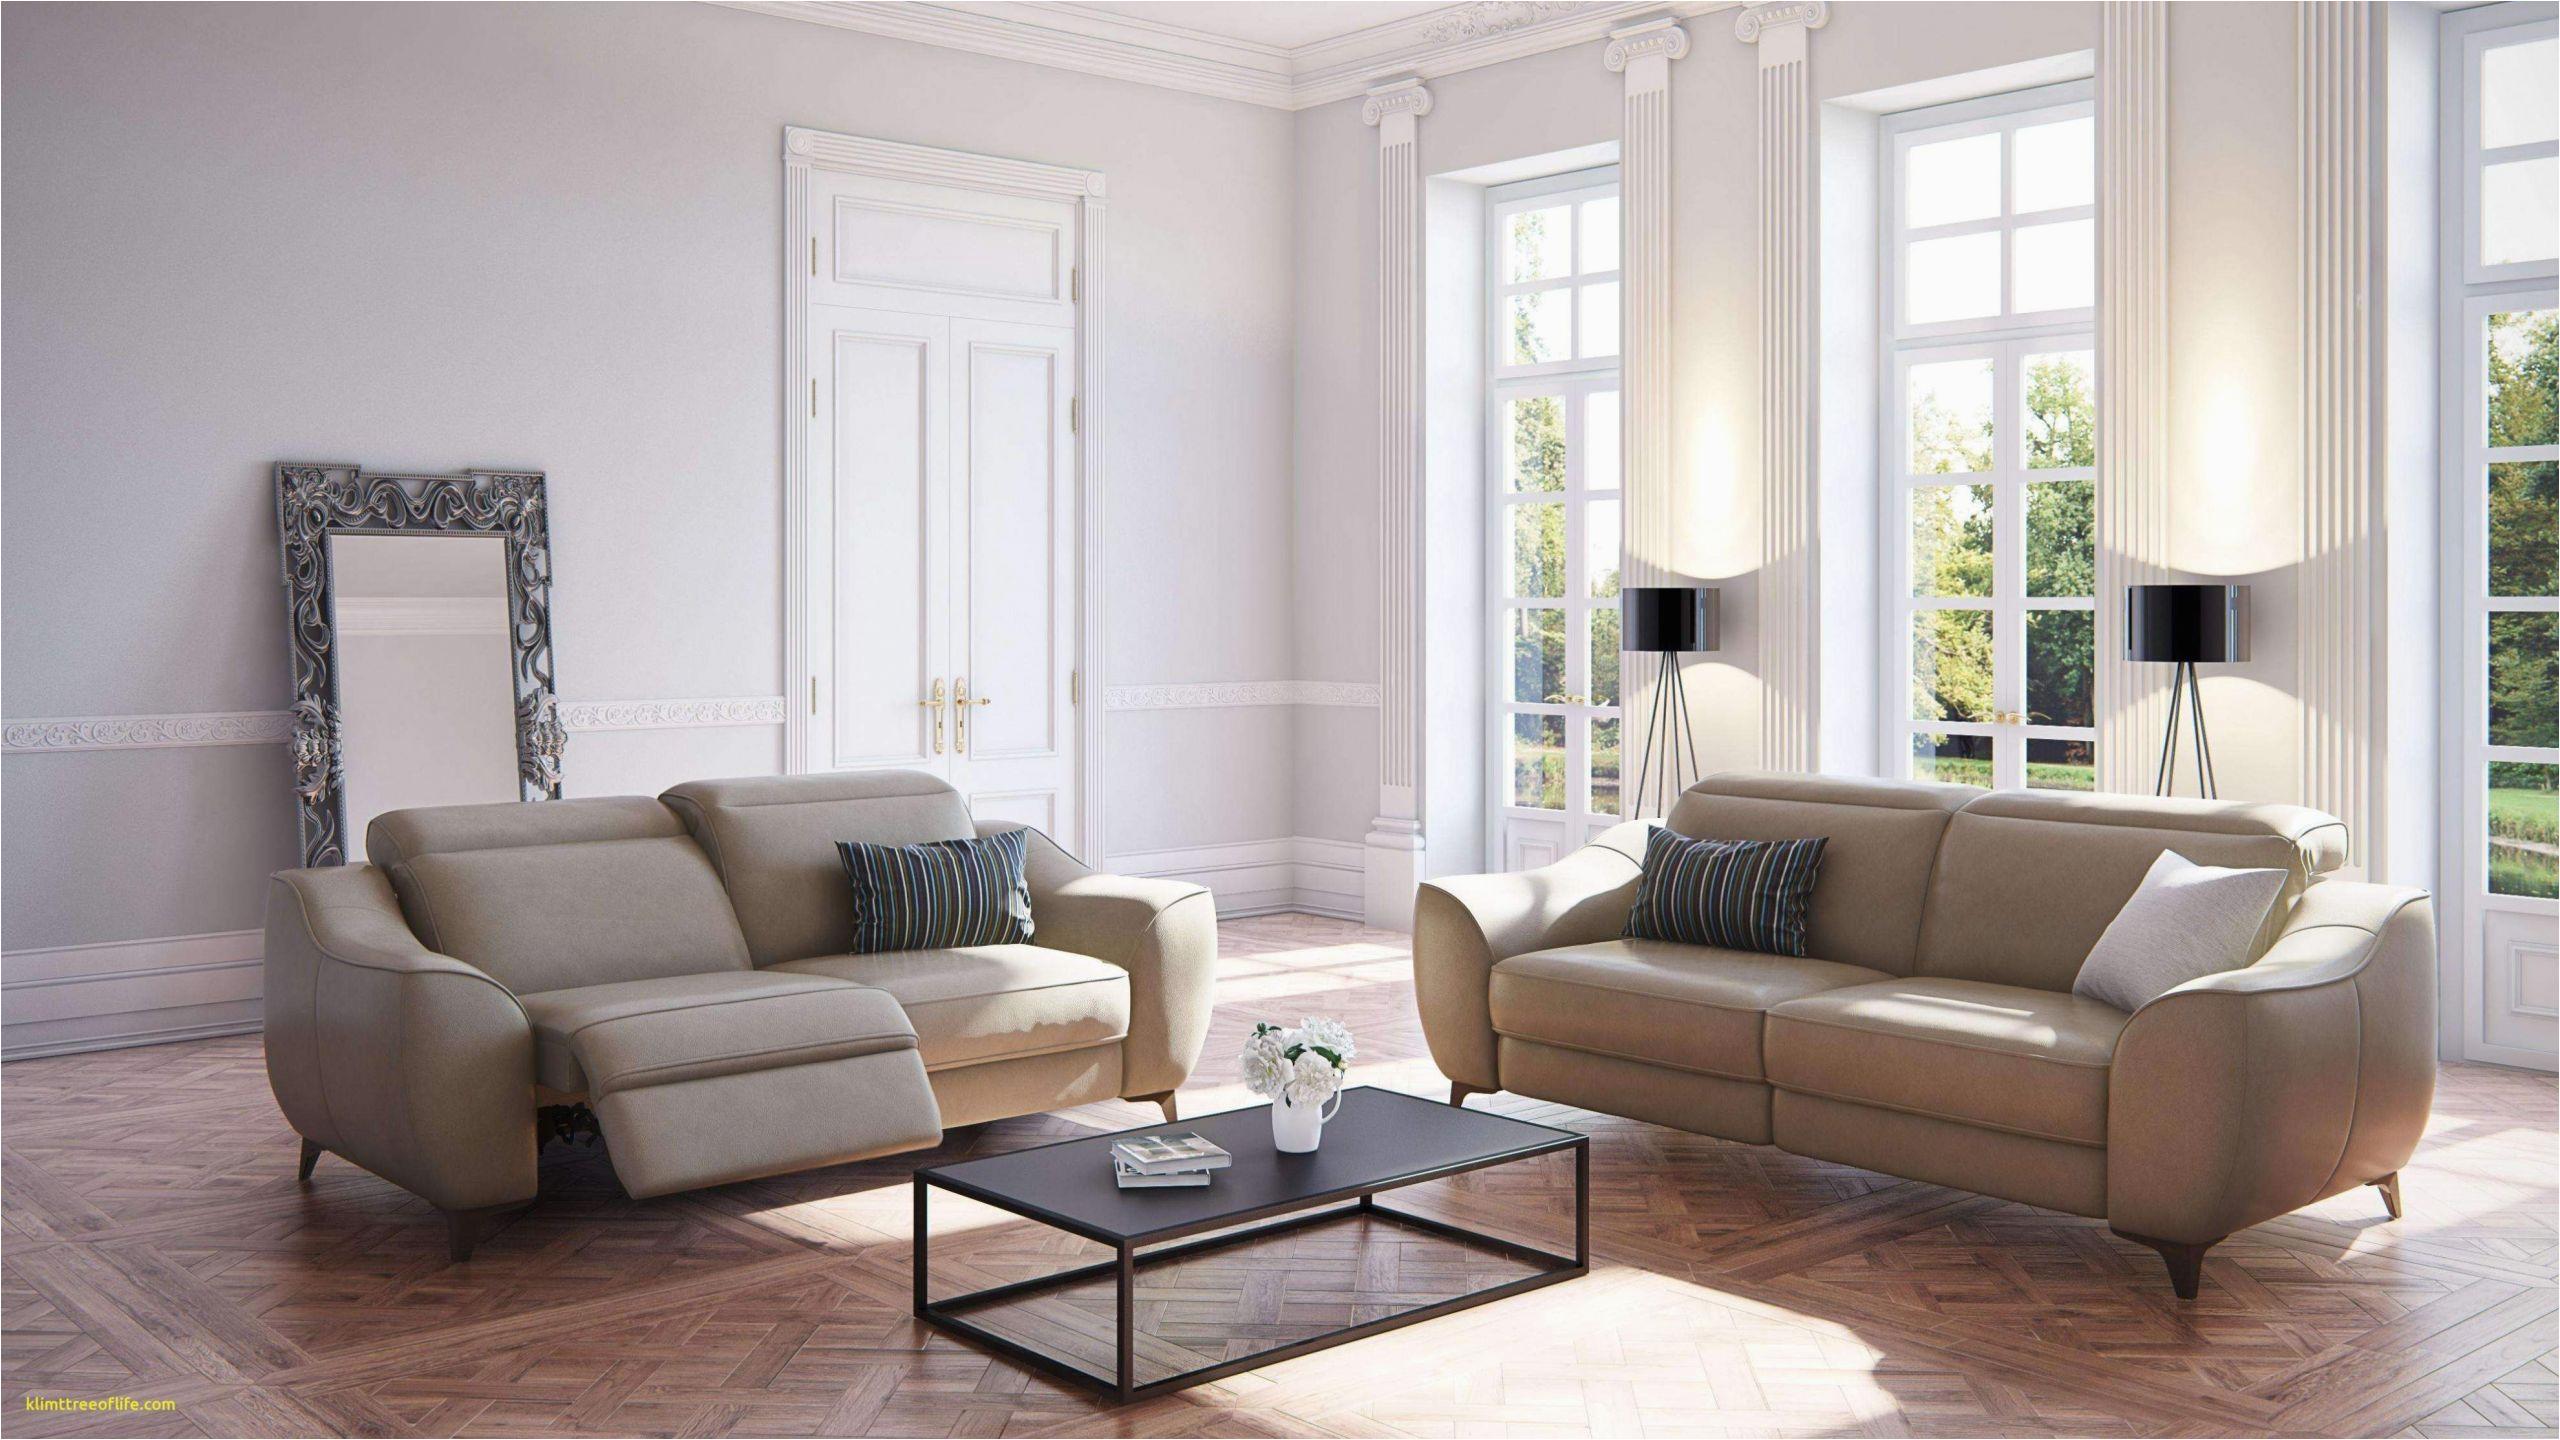 otto wohnzimmer sofa das beste von otto wohnzimmer sofa ideen tipps von experten in sem jahr of otto wohnzimmer sofa scaled